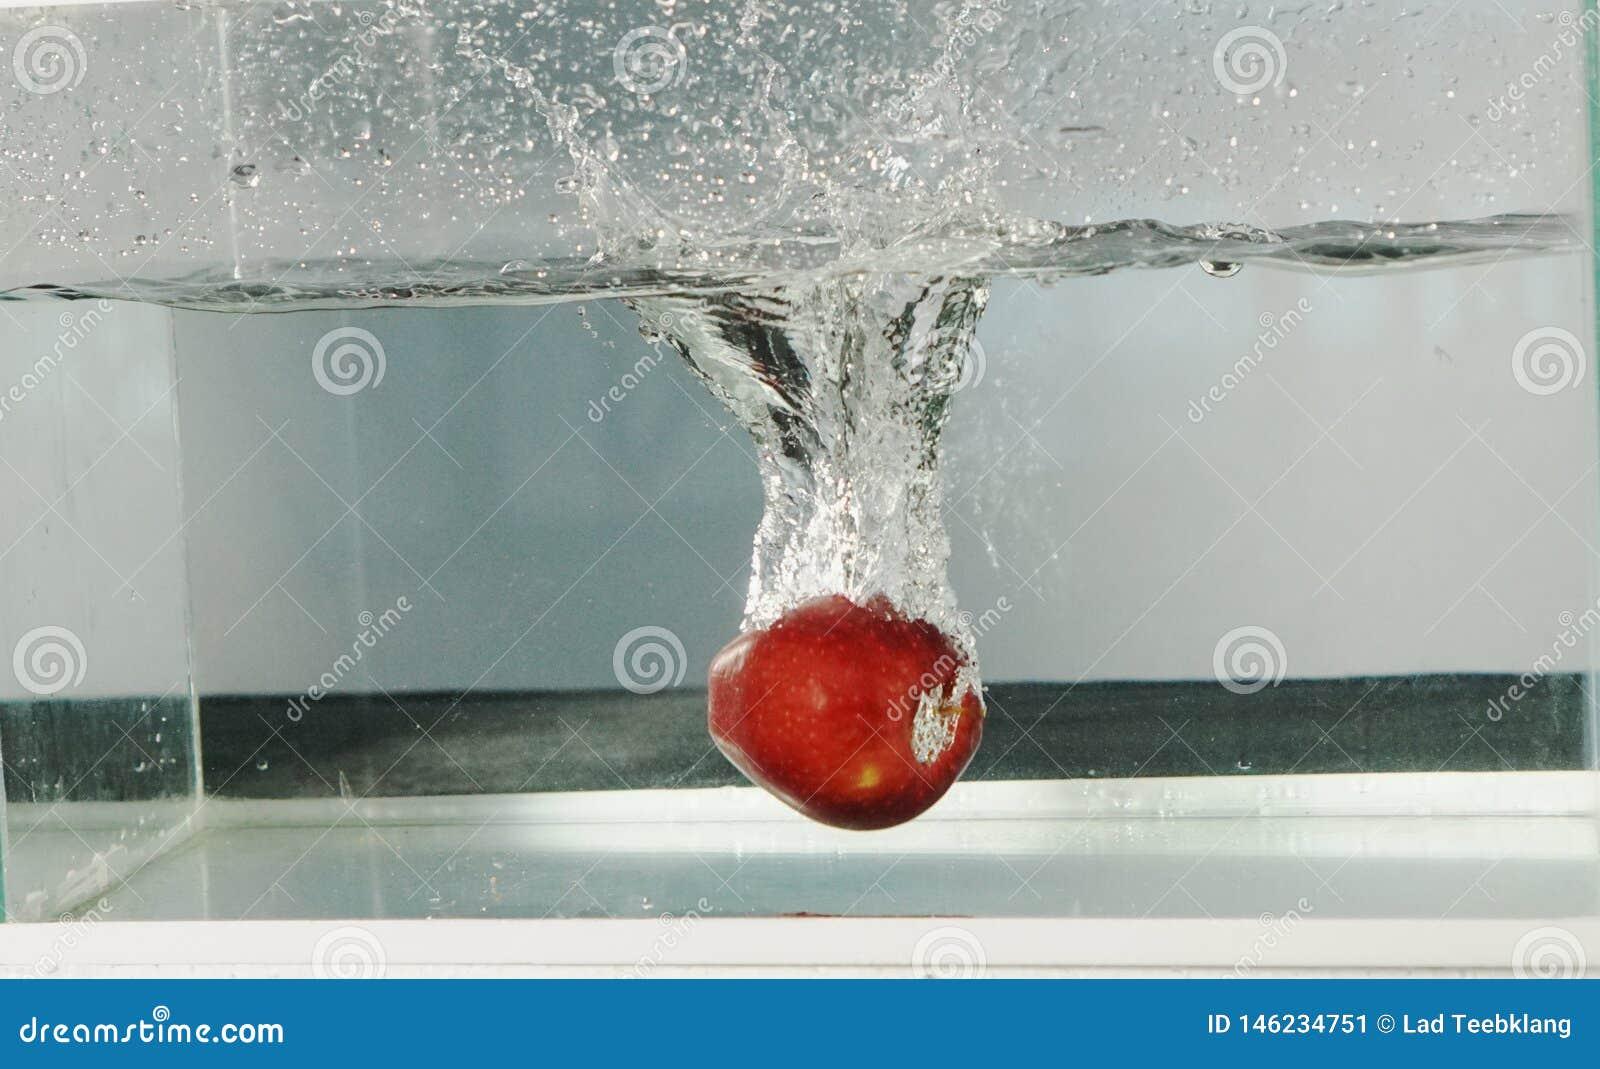 Яблоко разделяет воду